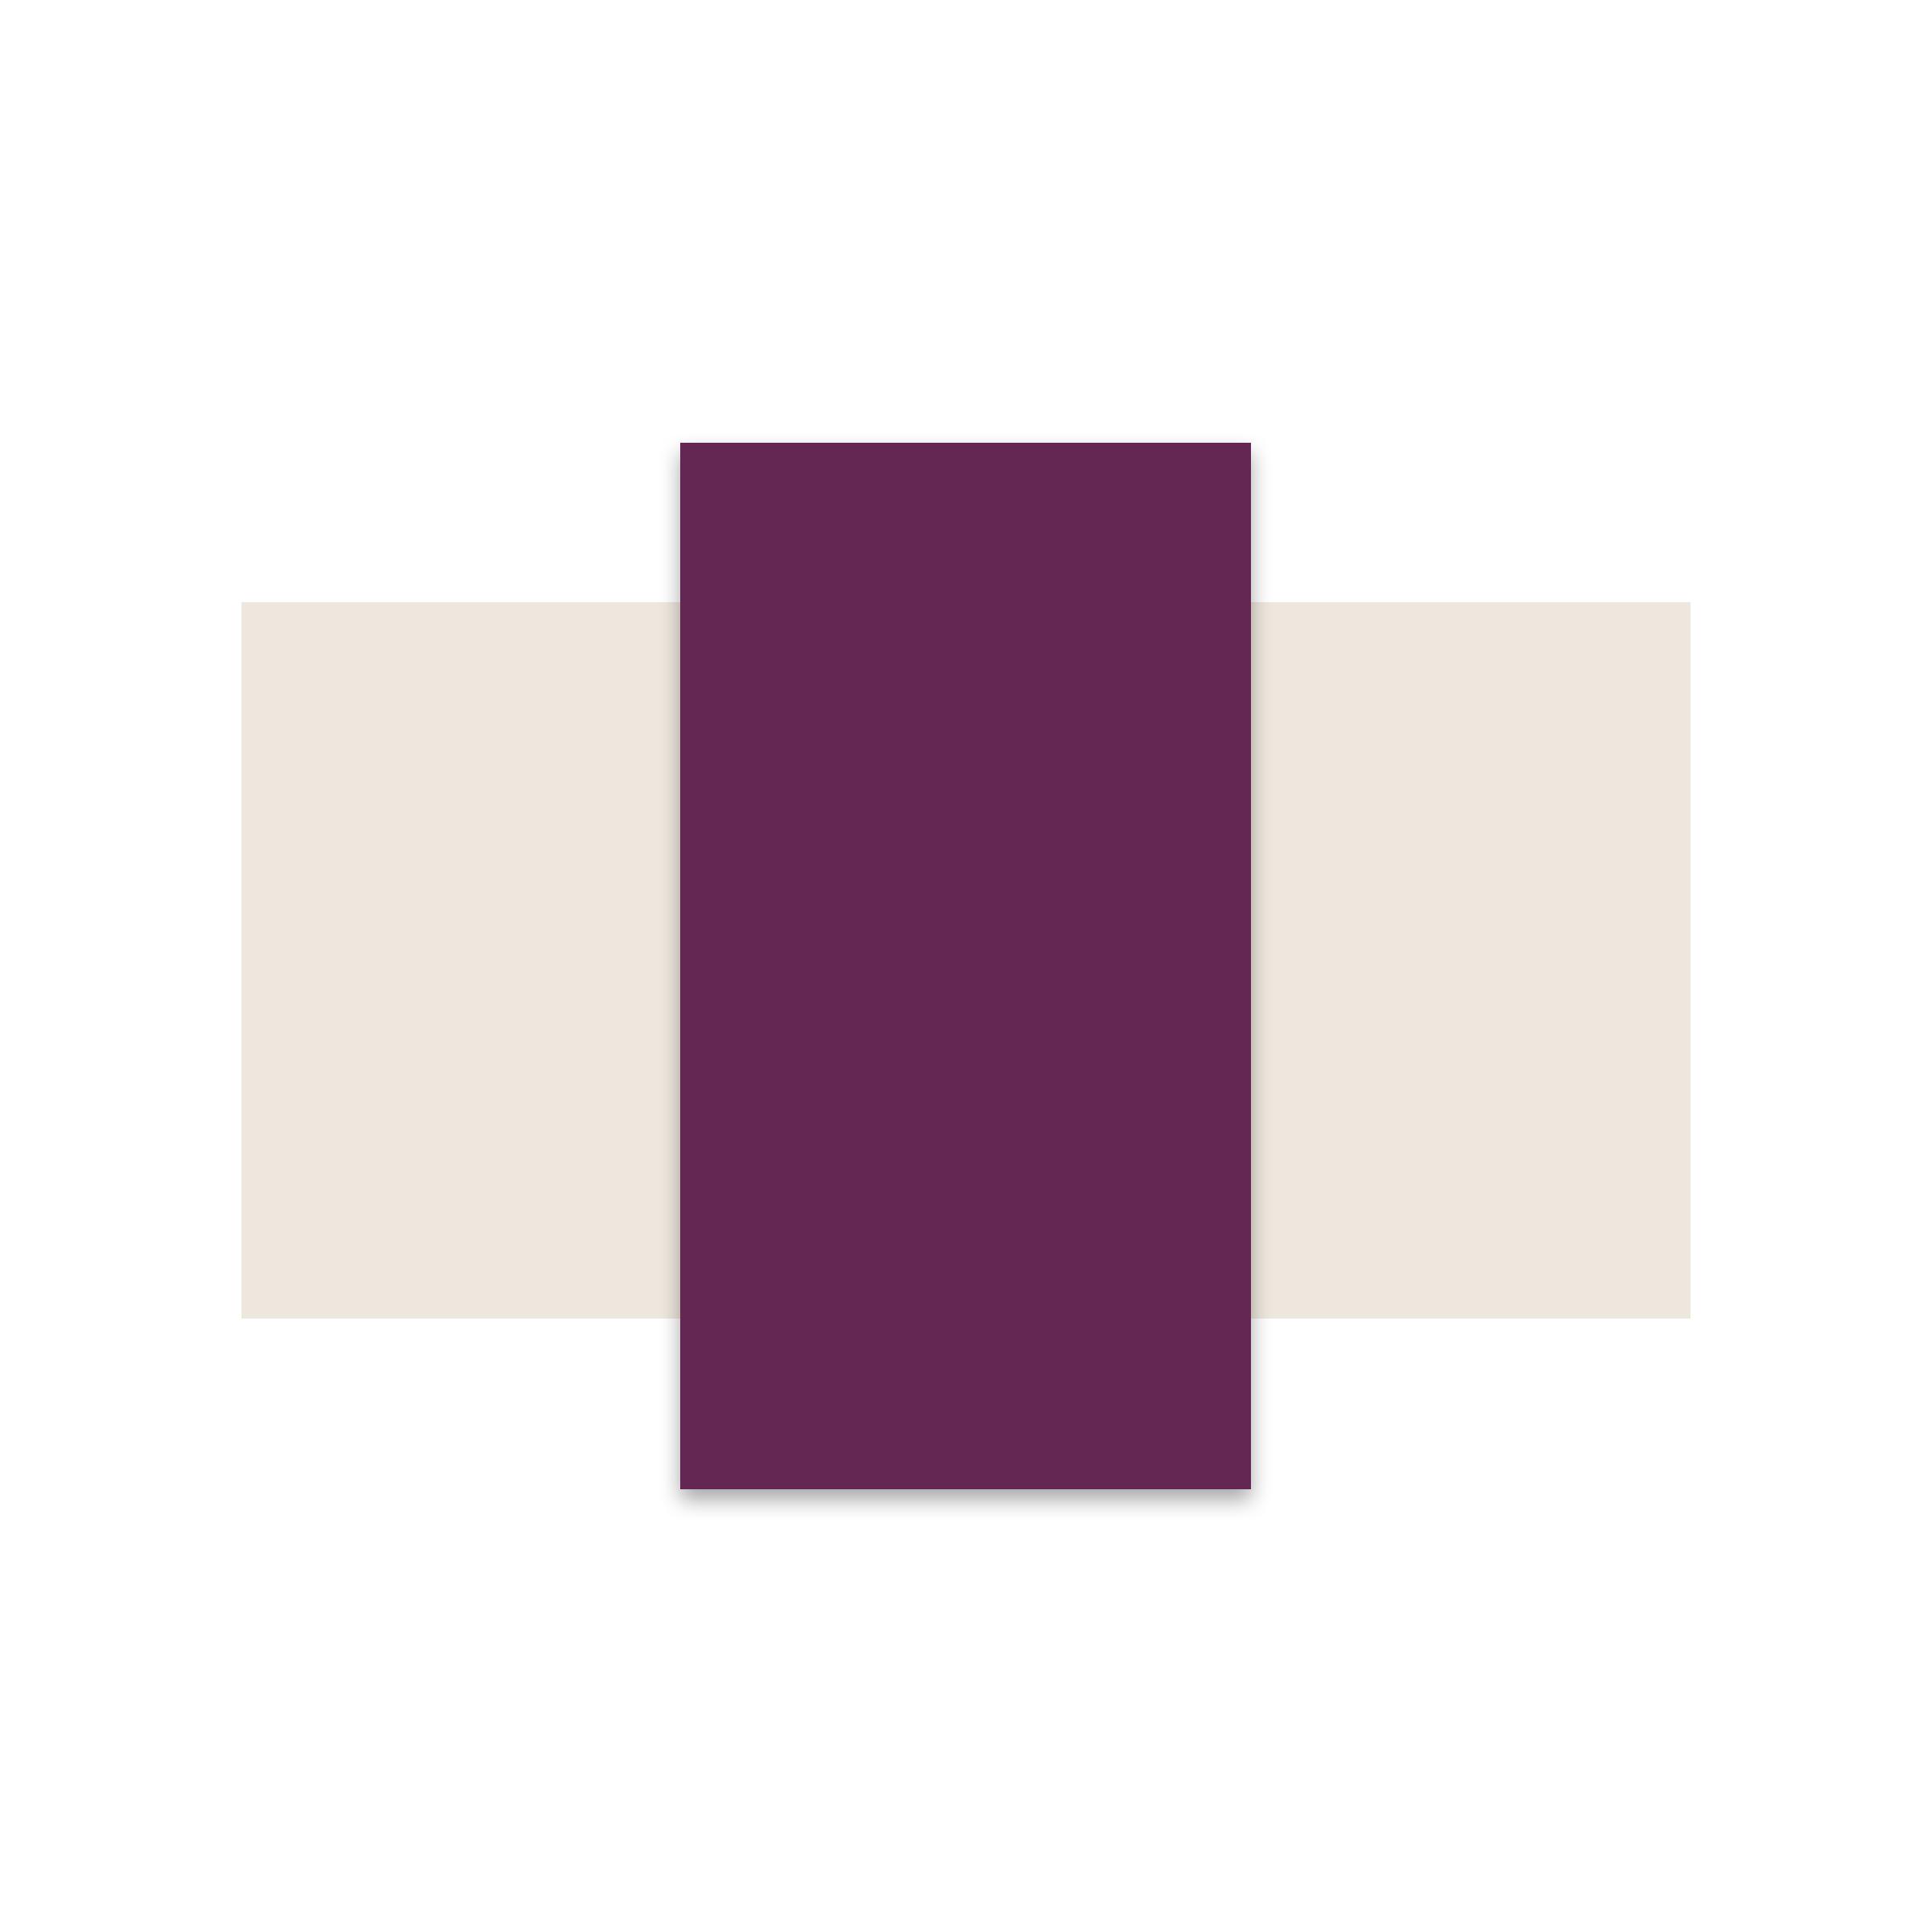 lassie-collective-shape-ux-ui-design